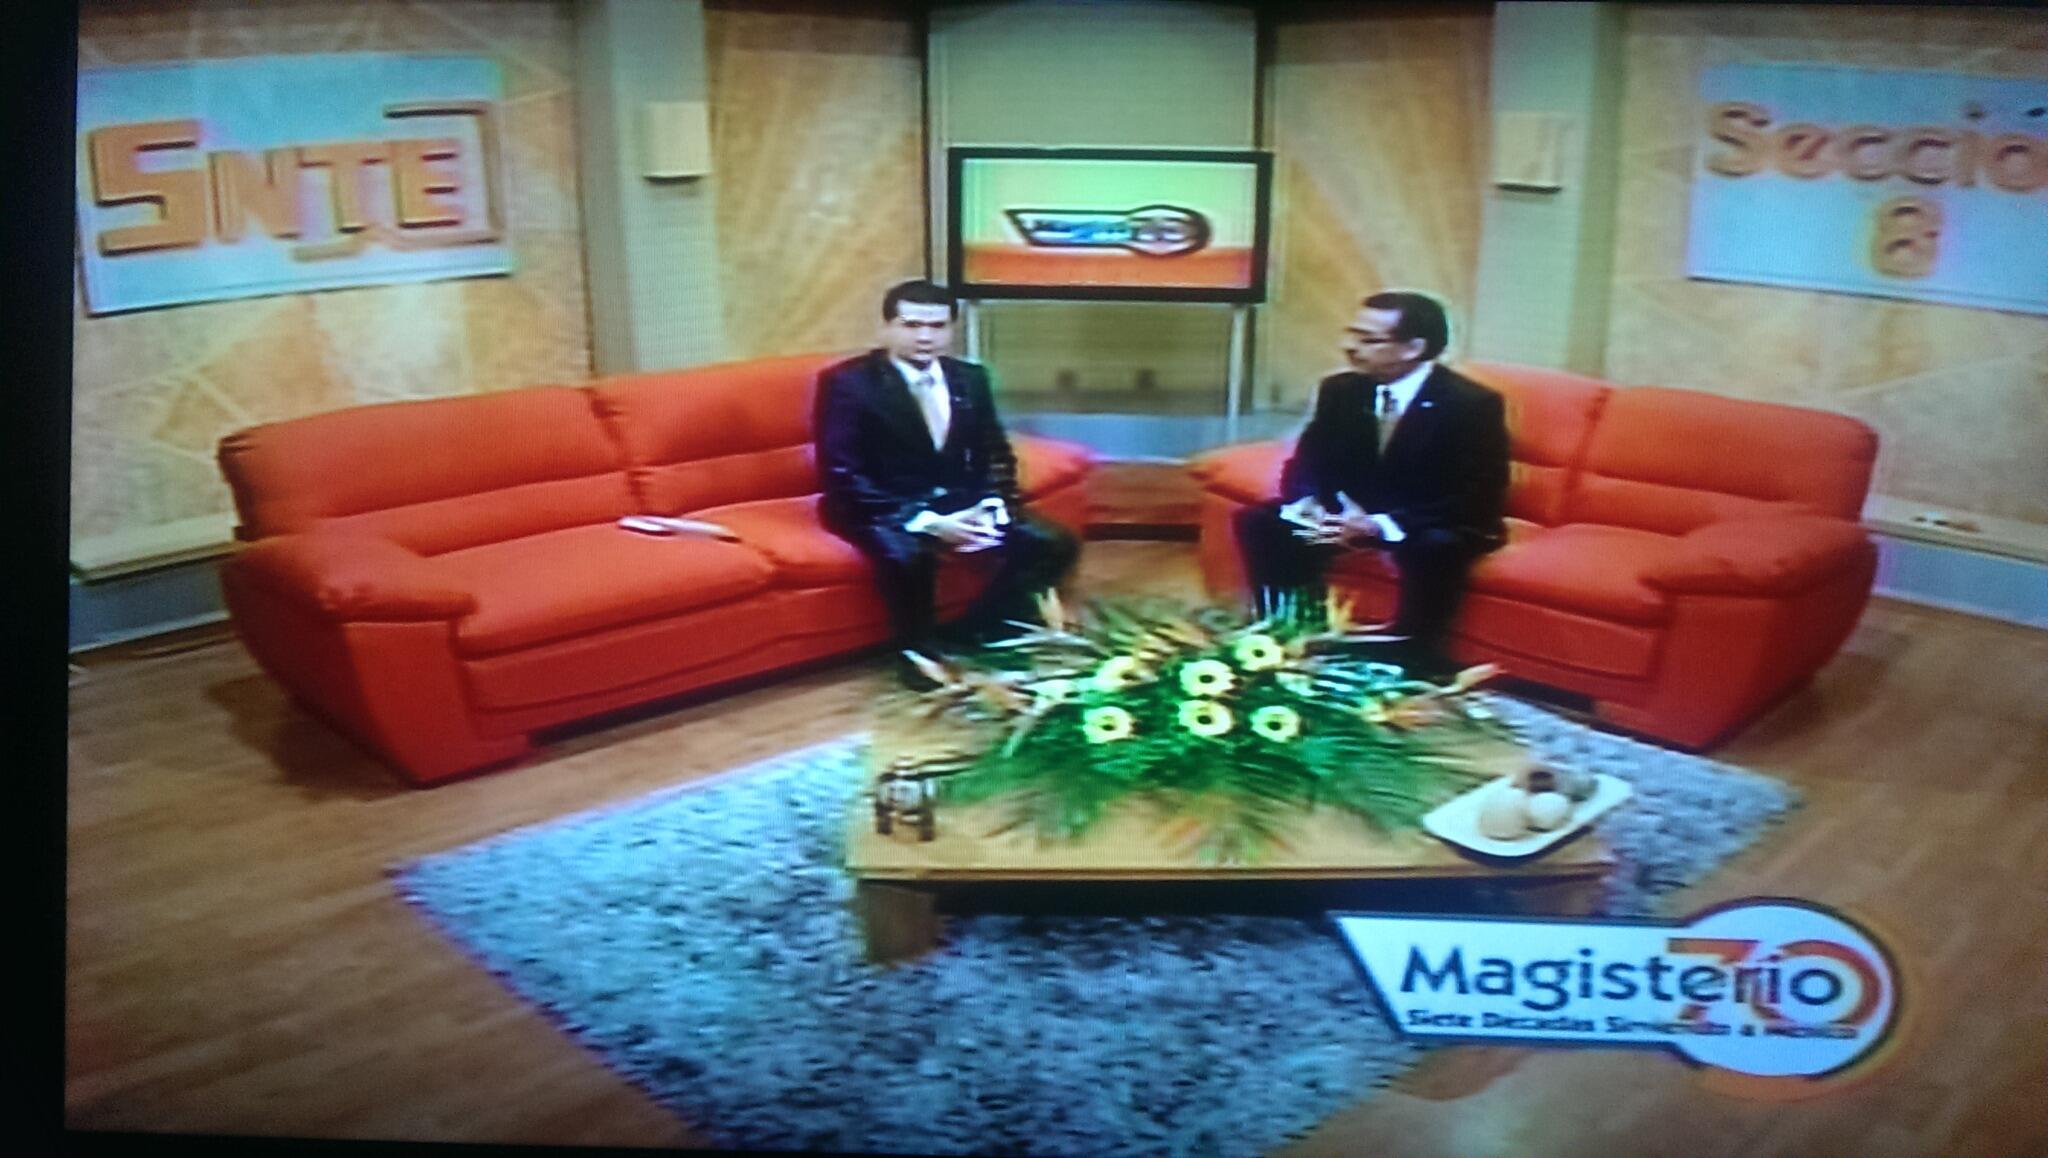 Magisterio 70 en vivo en tv azteca local, conducido por el Mtro. Alejandro Villarreal Aldaz y Edgar Peinado http://t.co/48gXwAFFiP